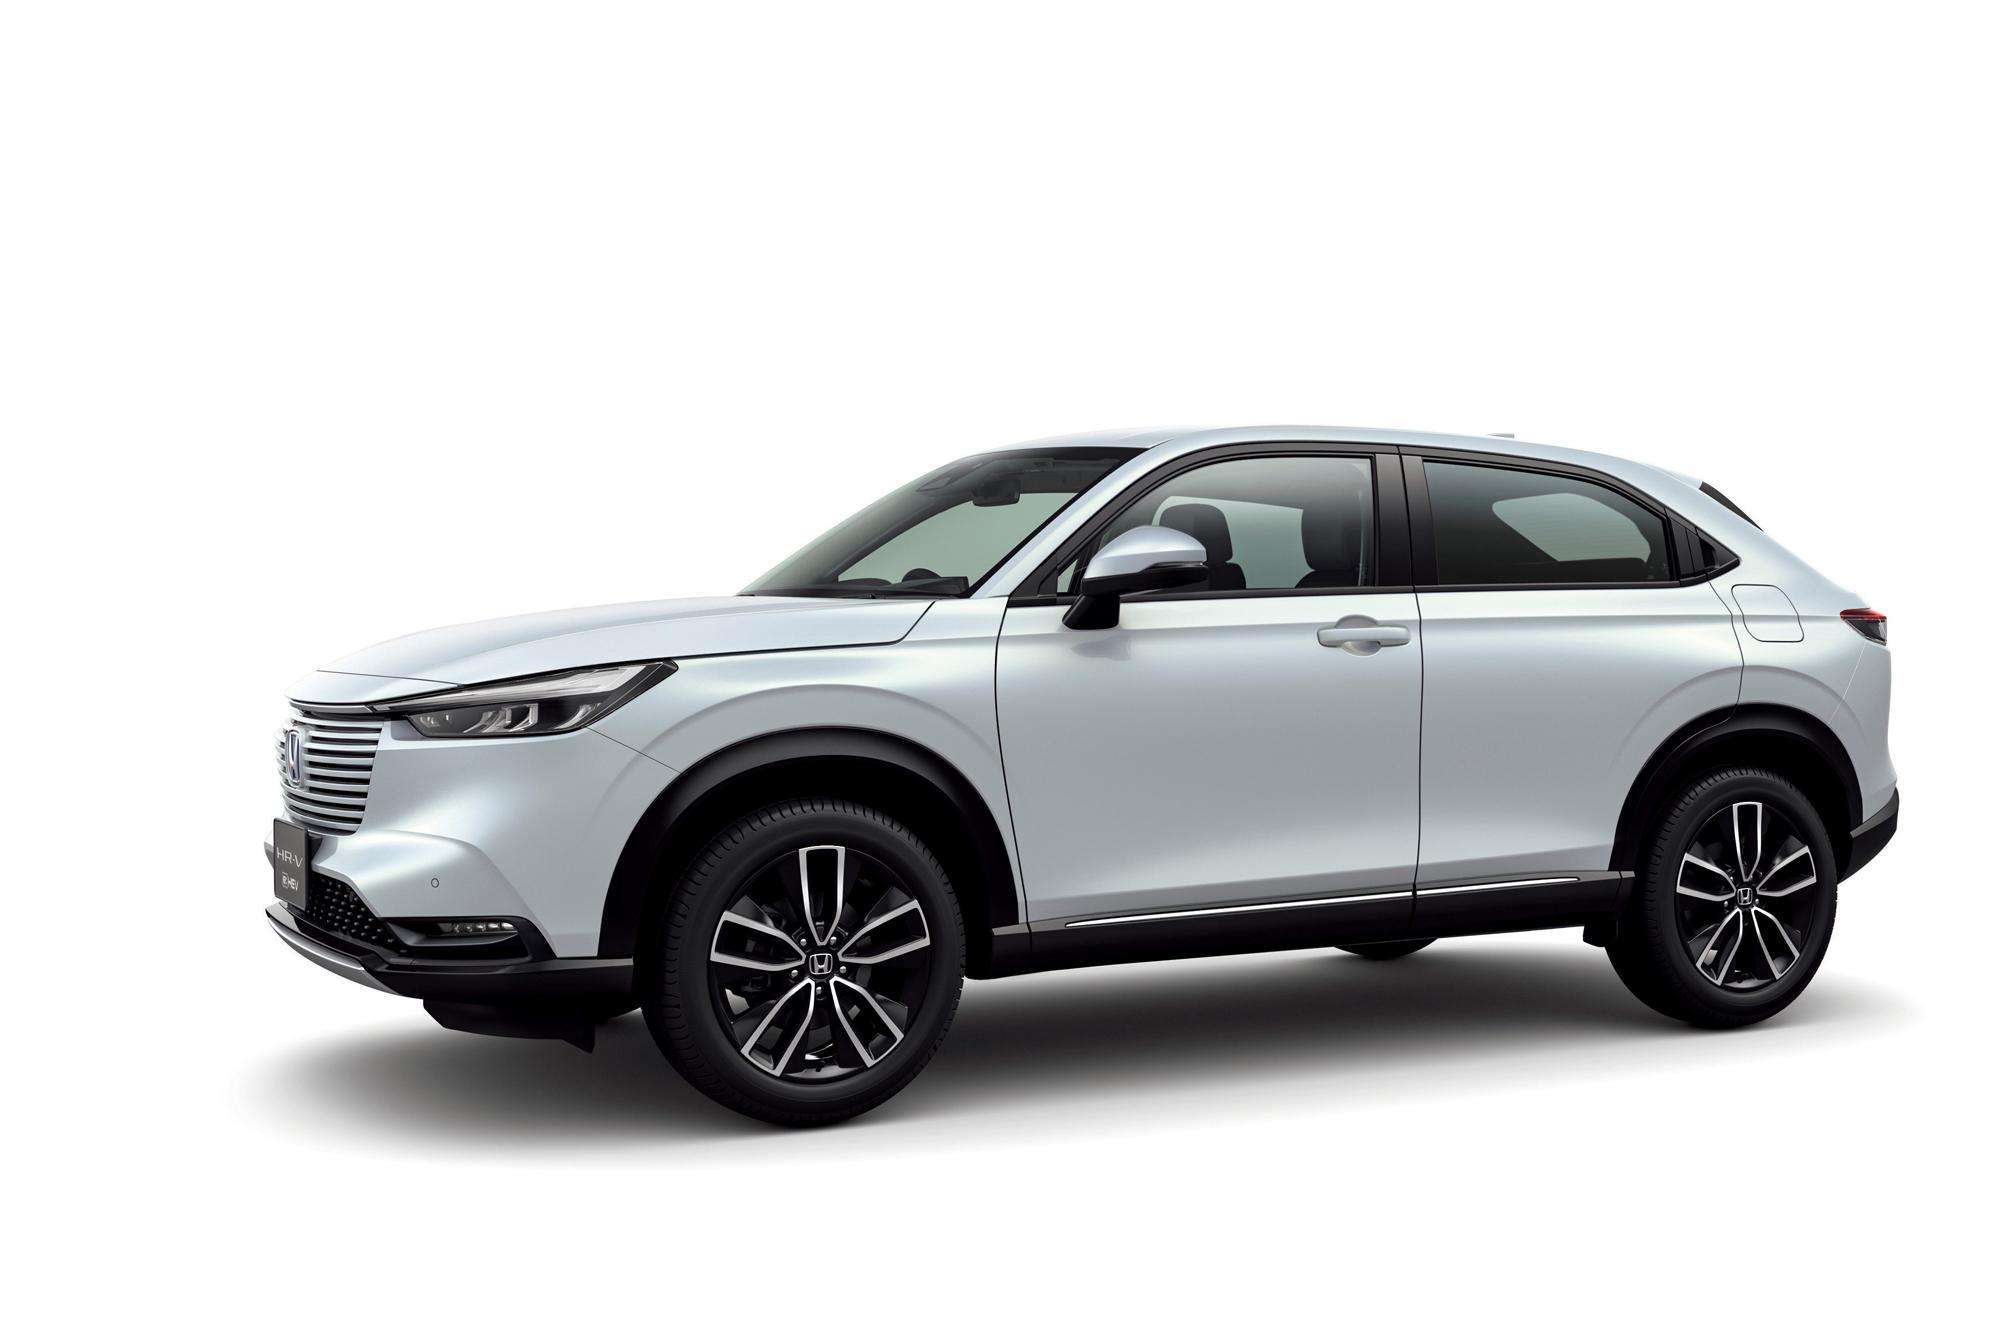 Η Honda αποκαλύπτει το νέο υβριδικό HR-V